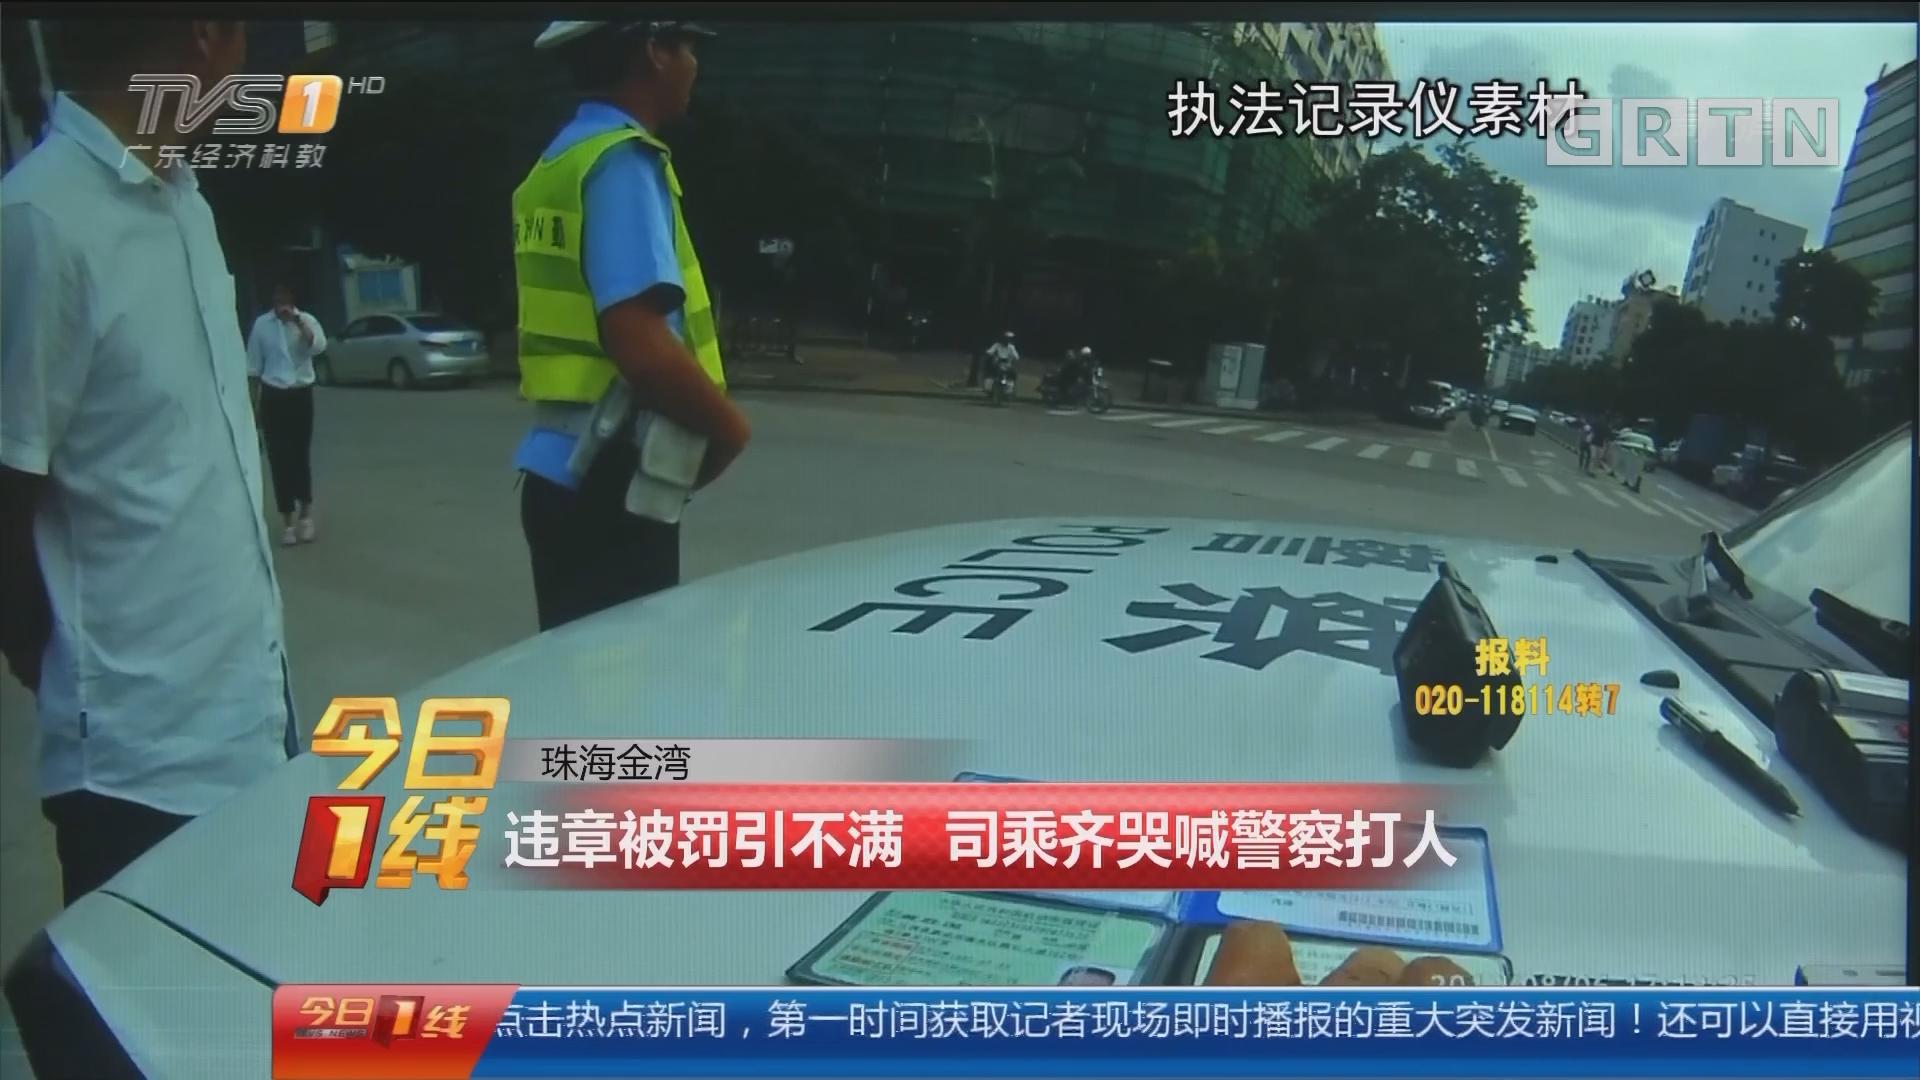 珠海金湾:违章被罚引不满 司乘齐哭喊警察打人